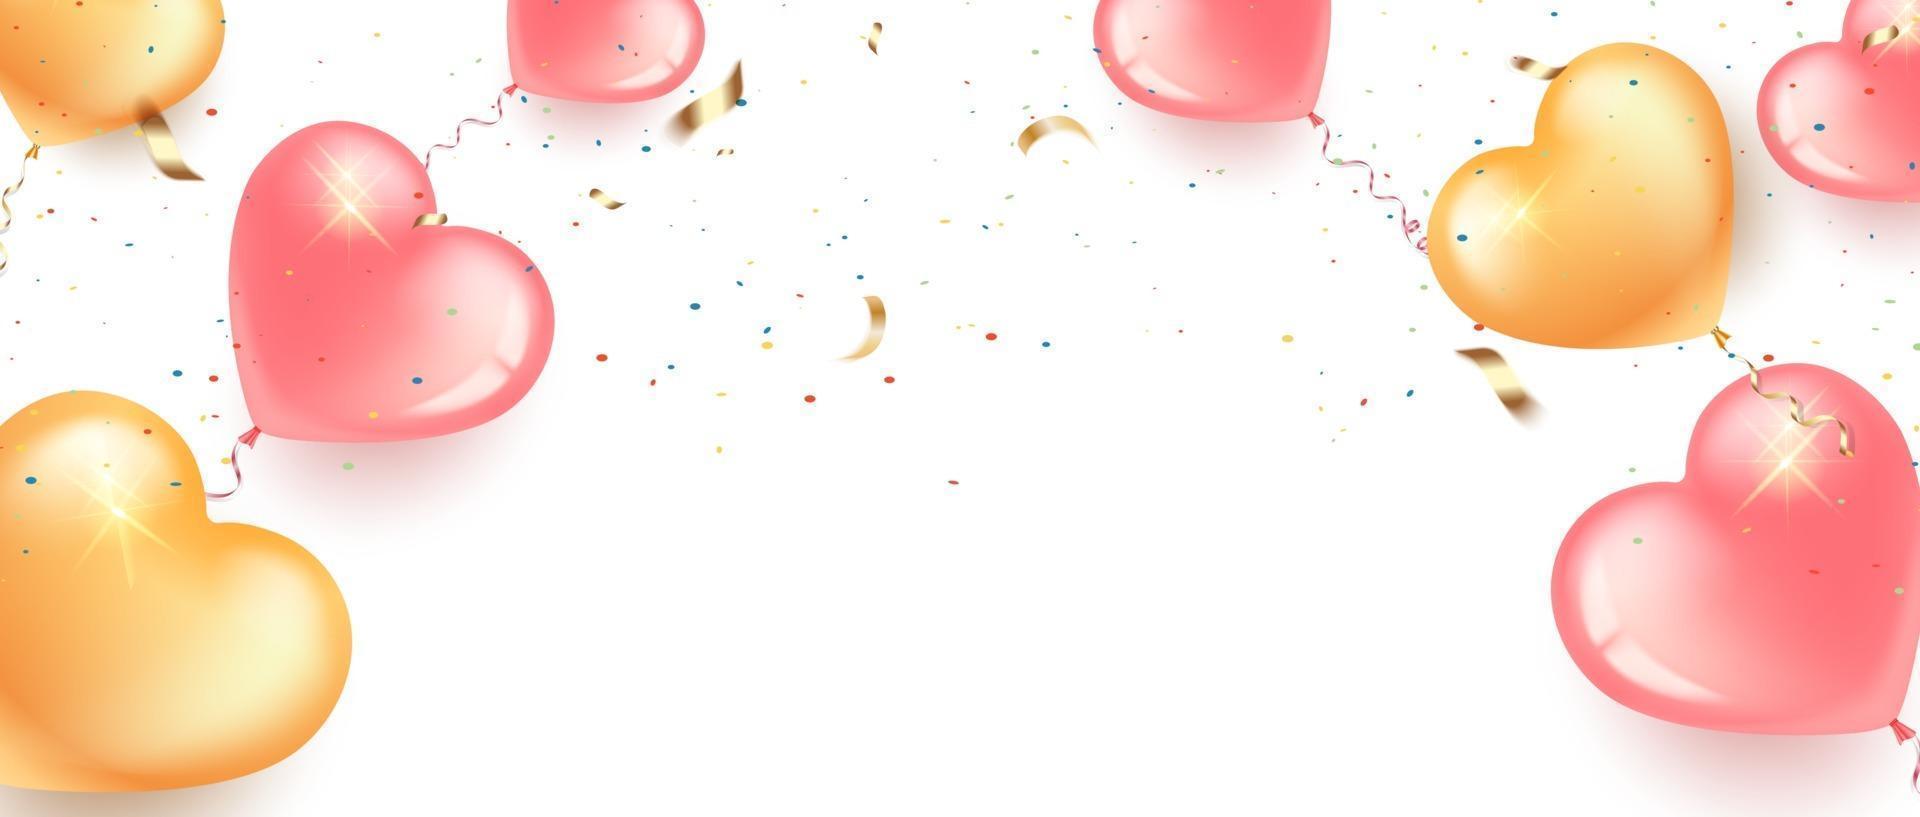 festlig banner med rosa och guld hjärta ballonger vektor